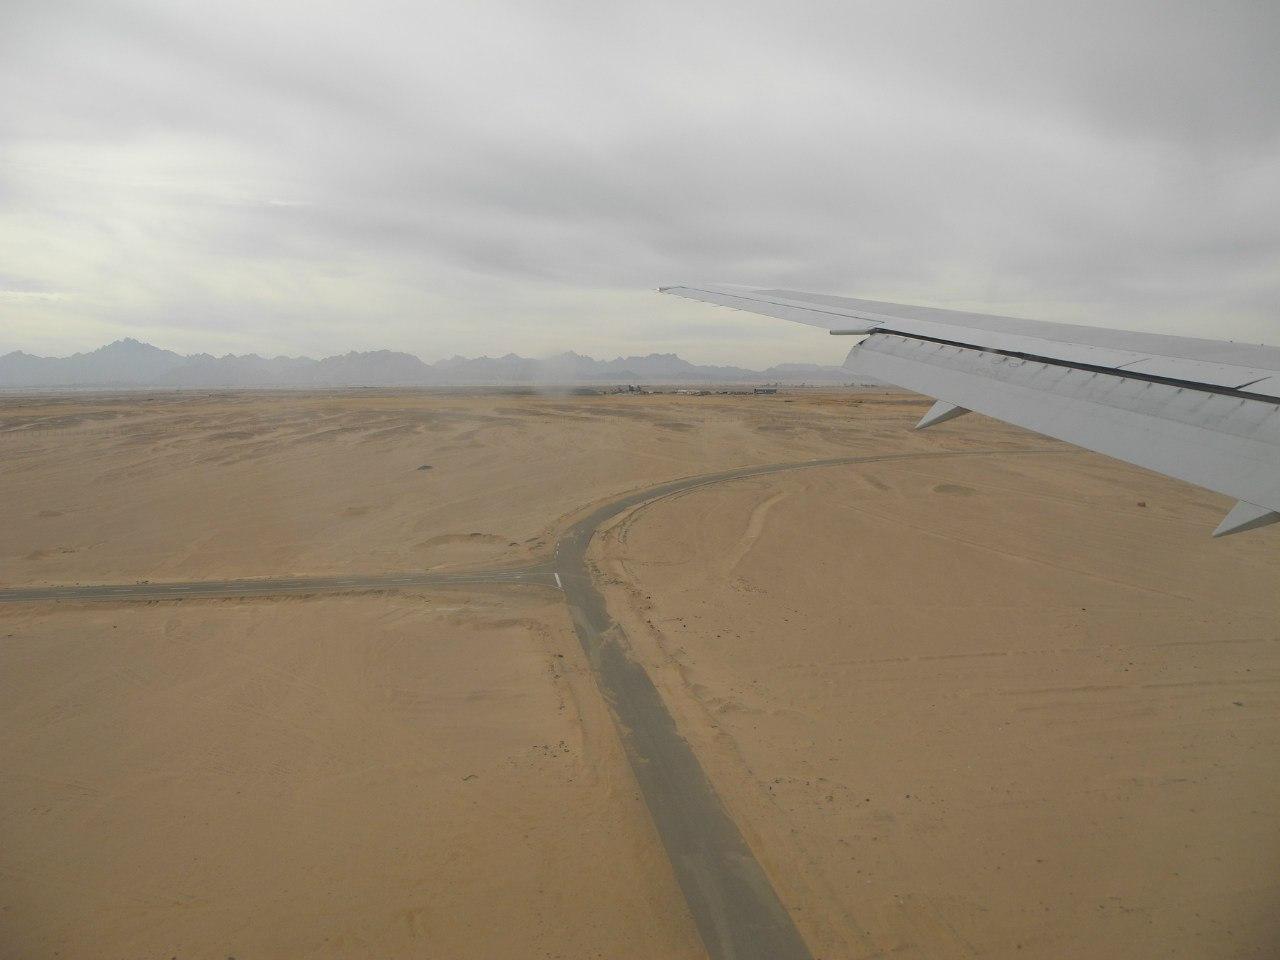 самолет над египтом